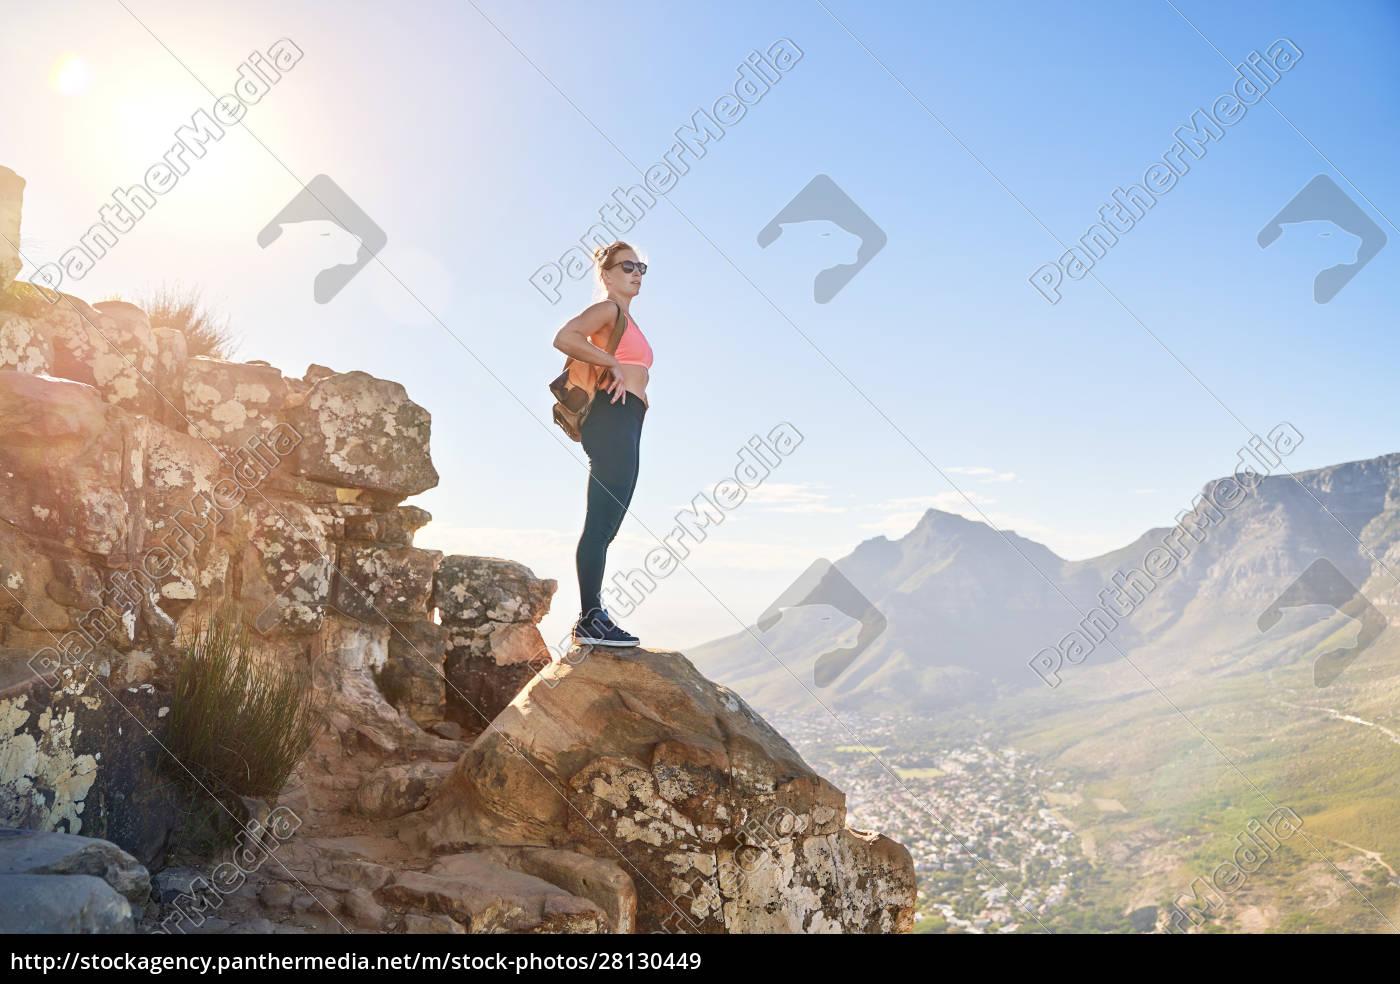 giovane, escursionista, femminile, sulla, scogliera, soleggiata - 28130449